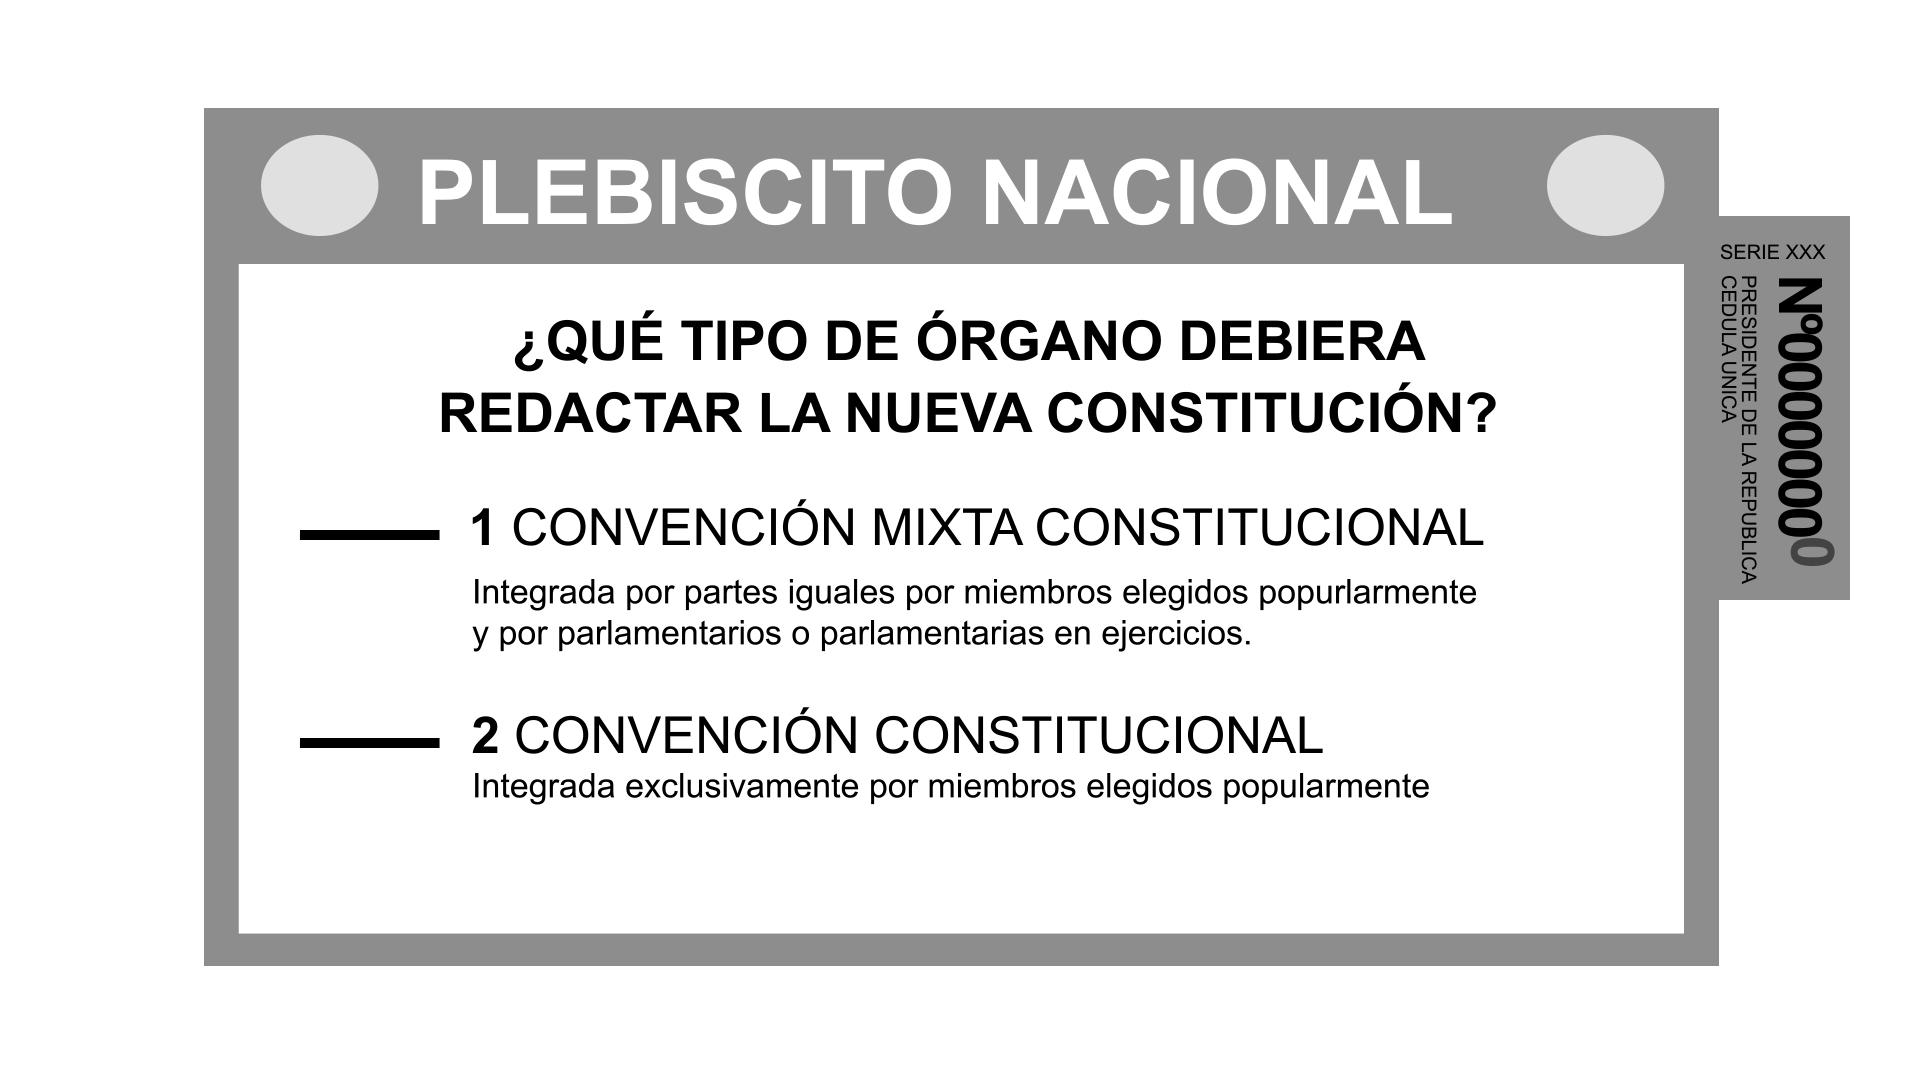 voto convencion